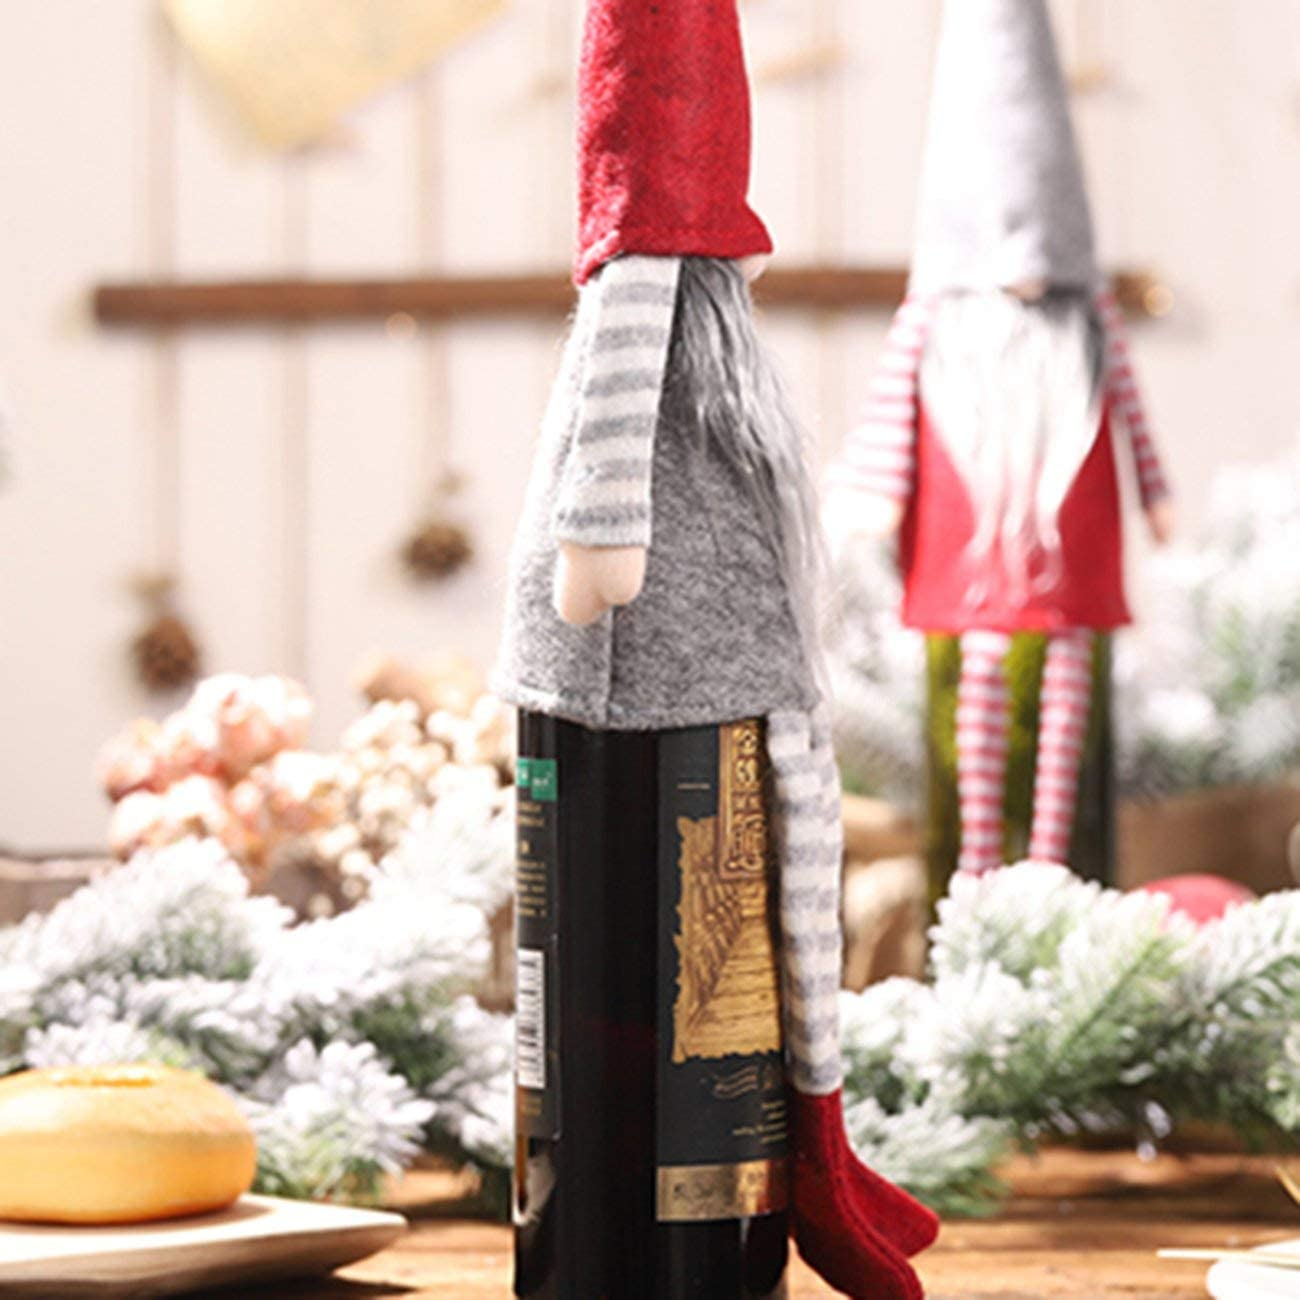 Decoraciones navideñas Mesa de comedor Decoración de botellas de vino Muñeca sin rostro Patas colgantes Tapa de la botella Pequeñas decoraciones extraíbles - Rojo: Amazon.es: Iluminación